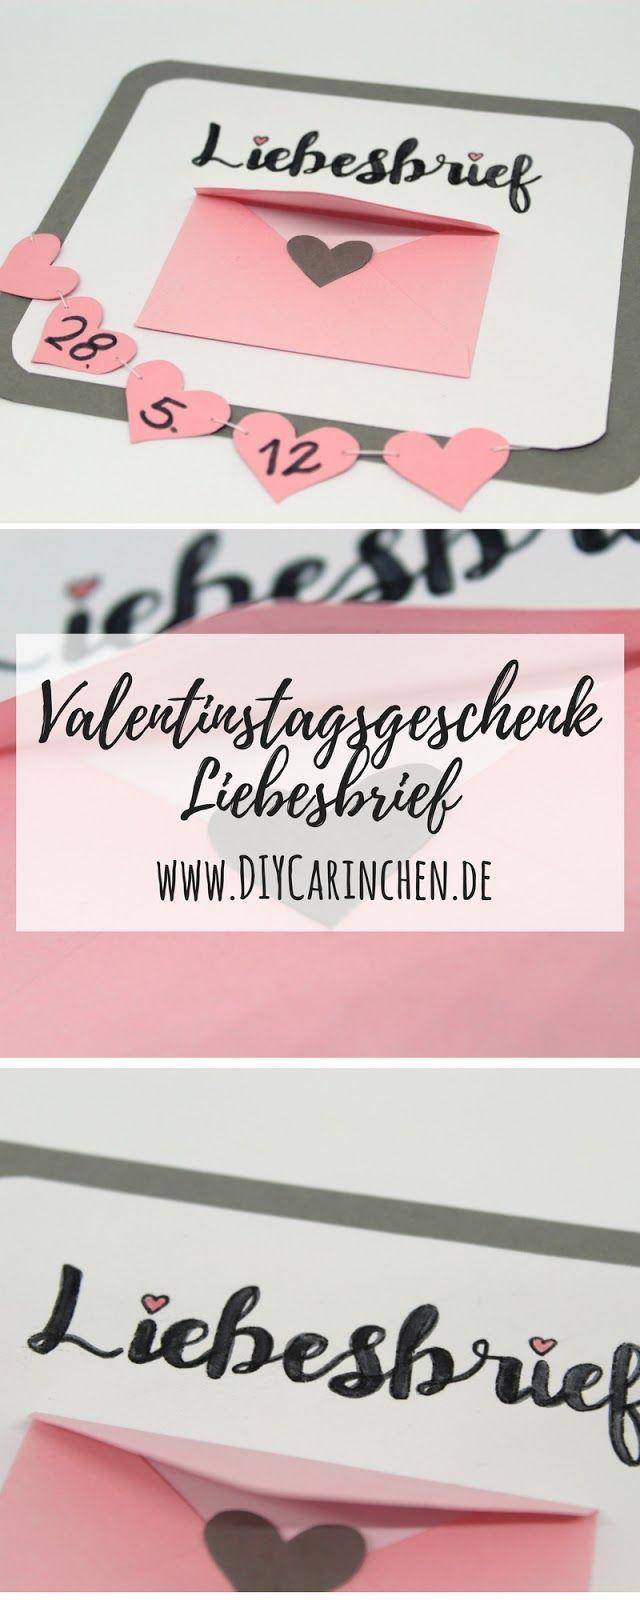 Anzeige   DIY Geschenk Zum Valentinstag Liebesbrief + Anleitung: DIY,  Basteln, Geschenke